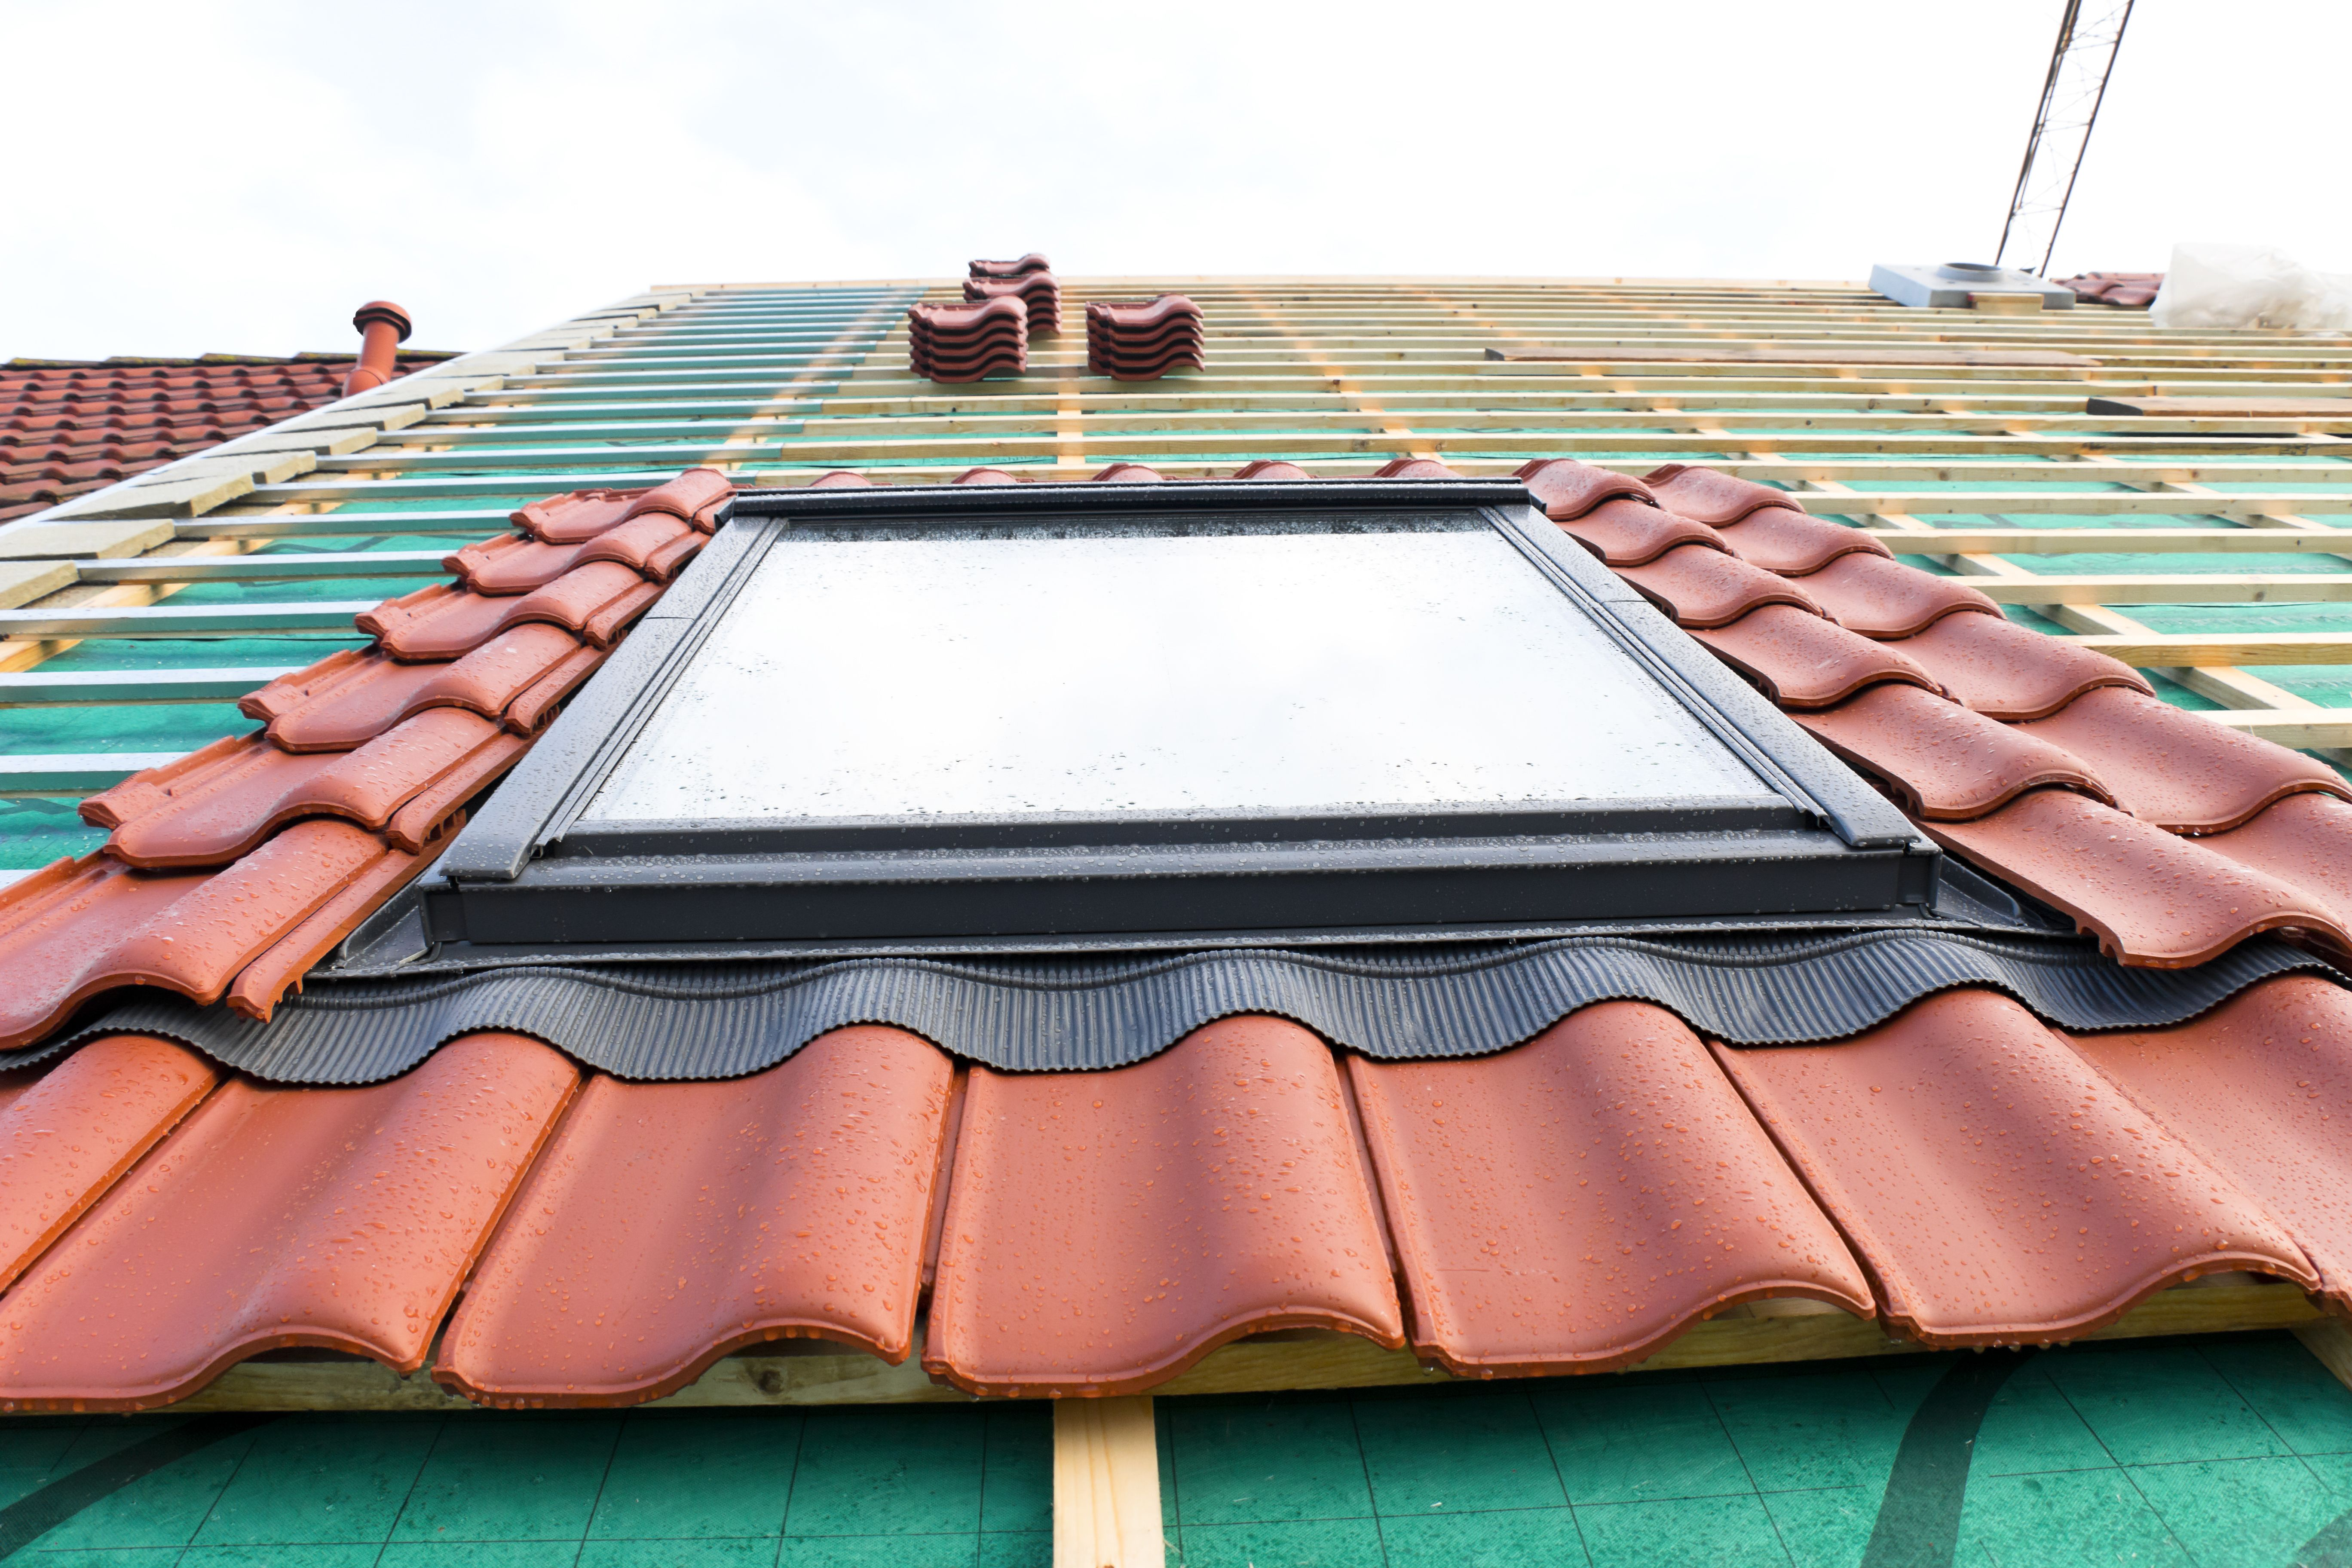 Rehabilitación e impermeabilización de tejados en Valladolid